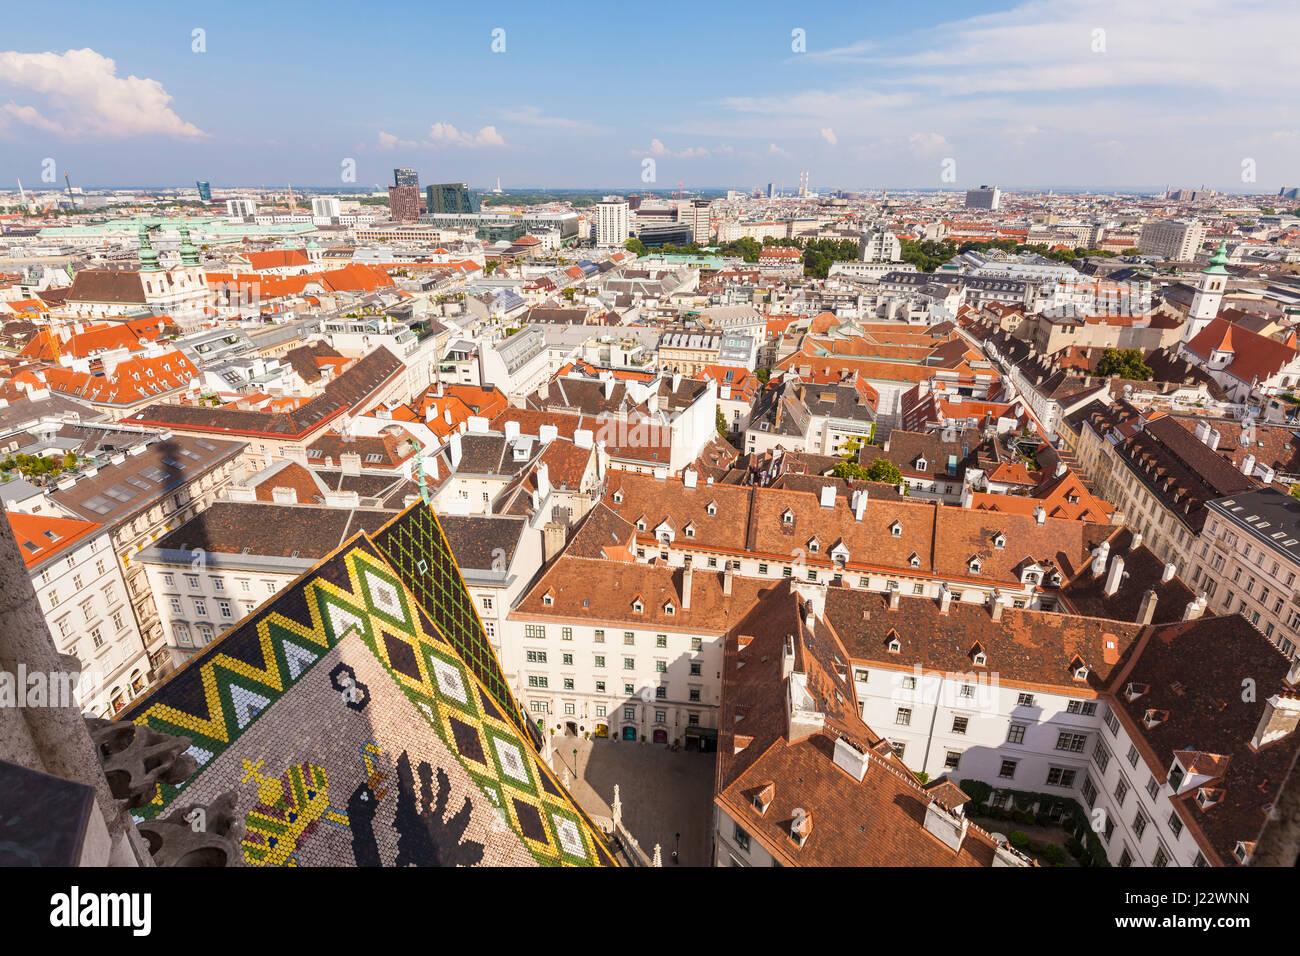 Österreich, Wien, Stadtansicht, Skyline - Stock Image